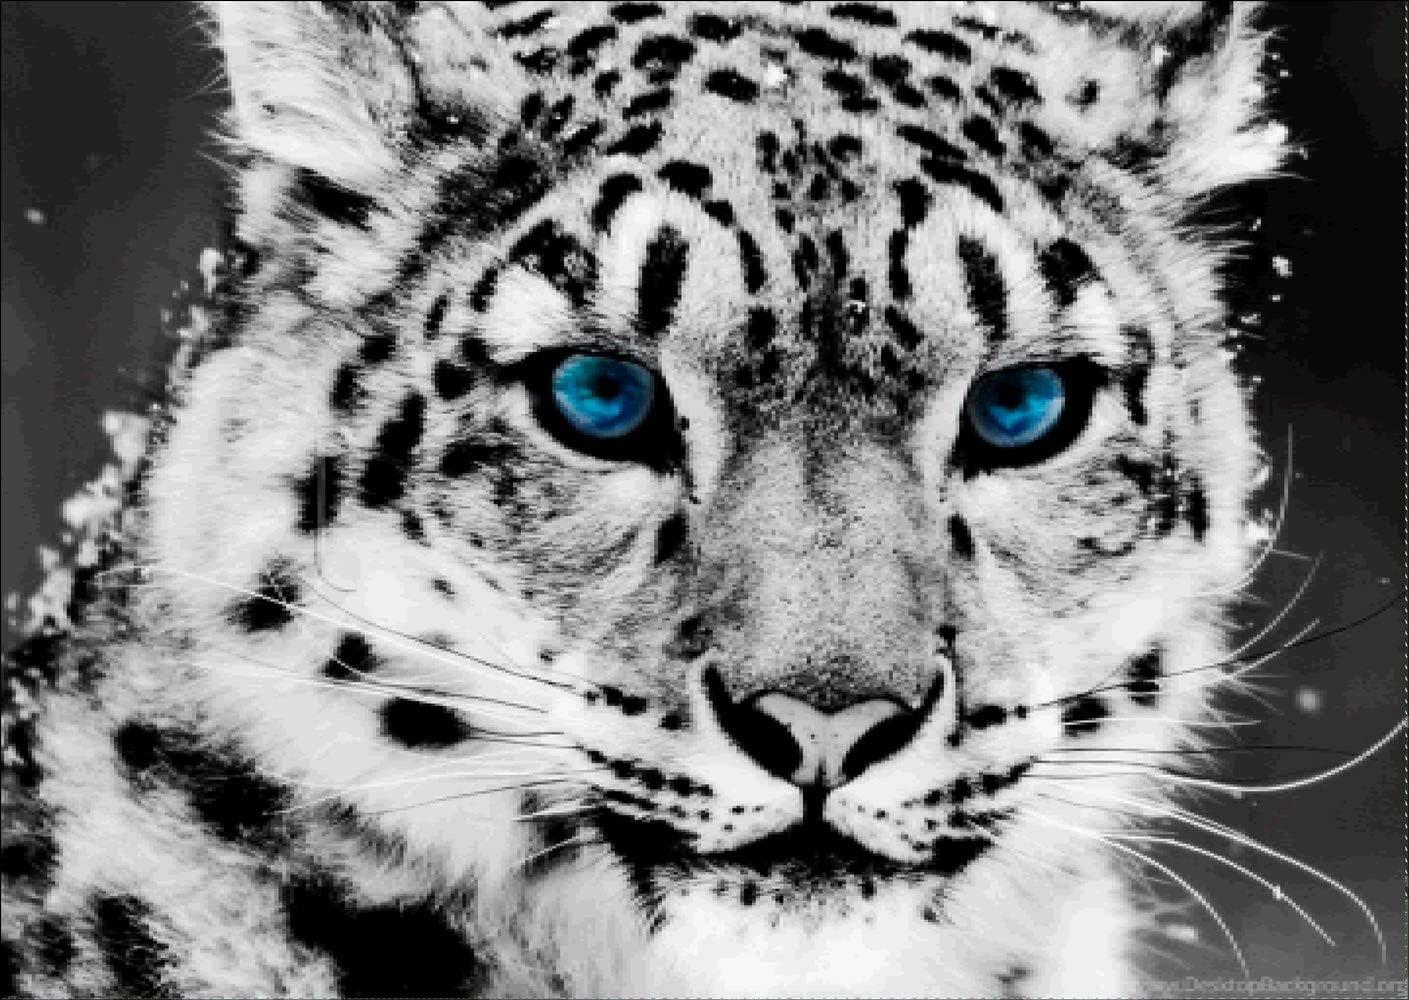 lienzo para decoraci/ón de pared suministros de punto de cruz 40 x 30 cm Kit de pintura de diamante para adultos dise/ño de leopardo con diamantes de imitaci/ón para bordar manualidades